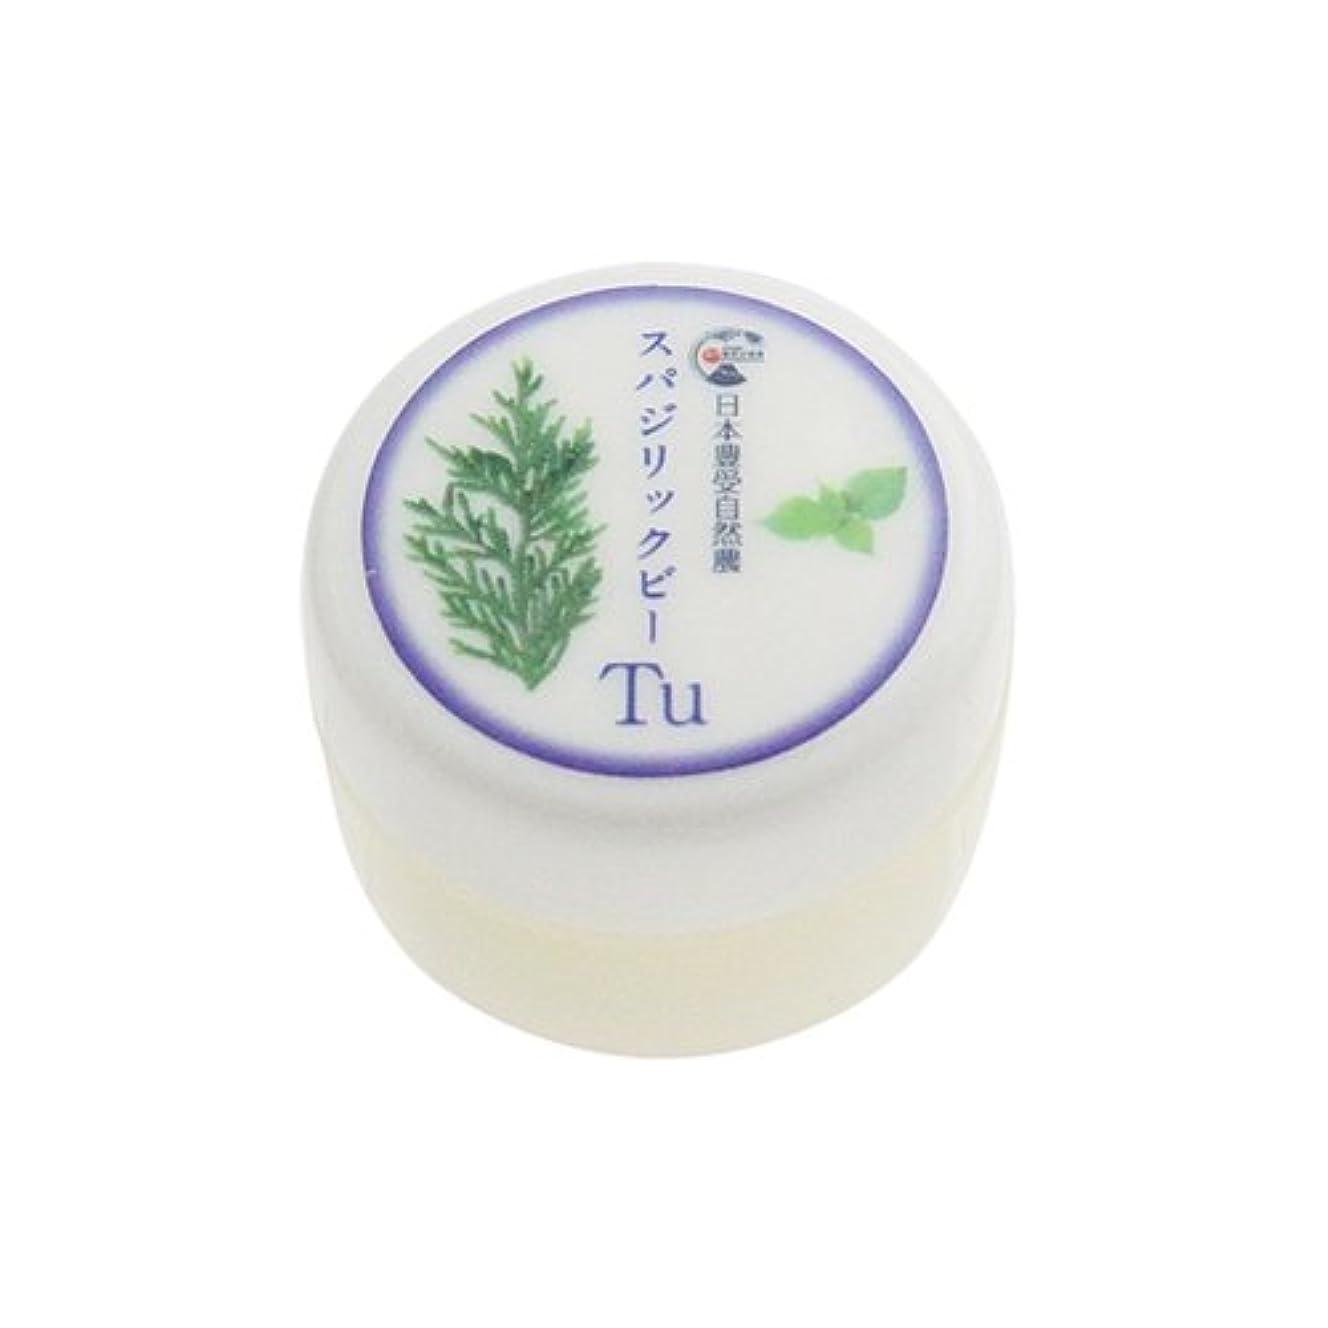 哀れな競う食料品店日本豊受自然農 スパジリック ビーTu(小) 10g